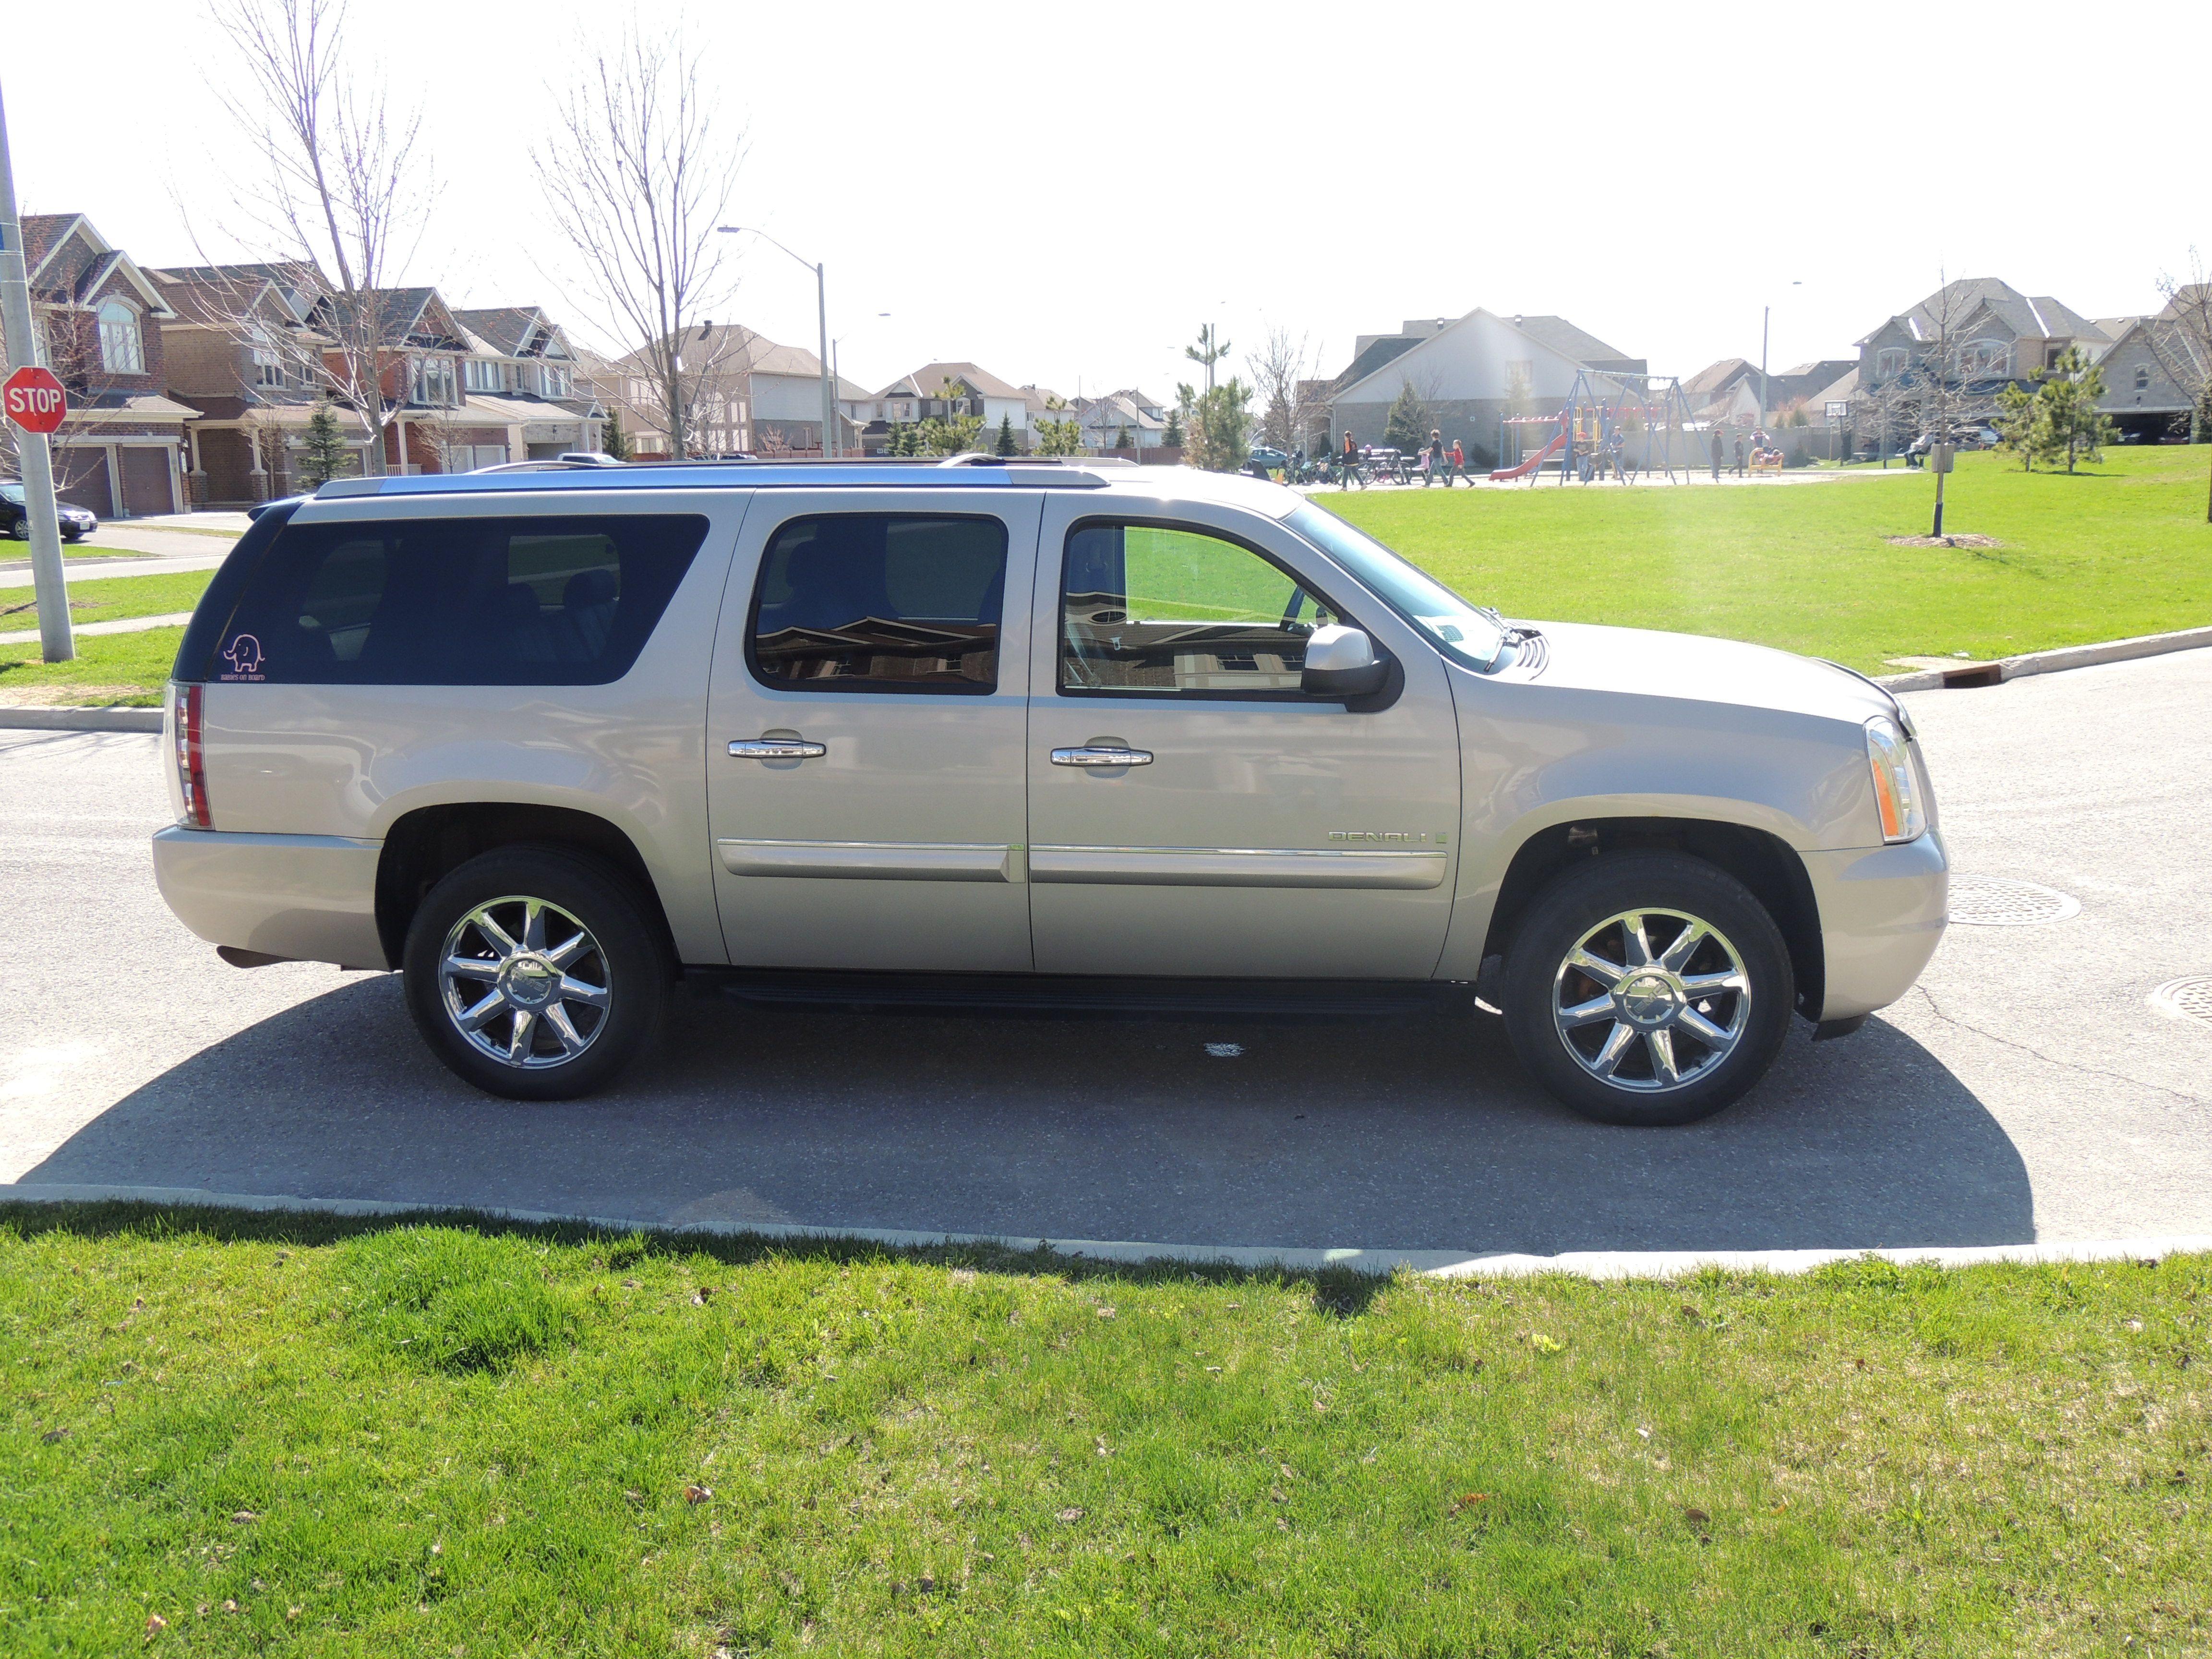 2007 Gmc Yukon Denali Xl Gmc Trucks Yukon Denali Gmc Yukon Denali